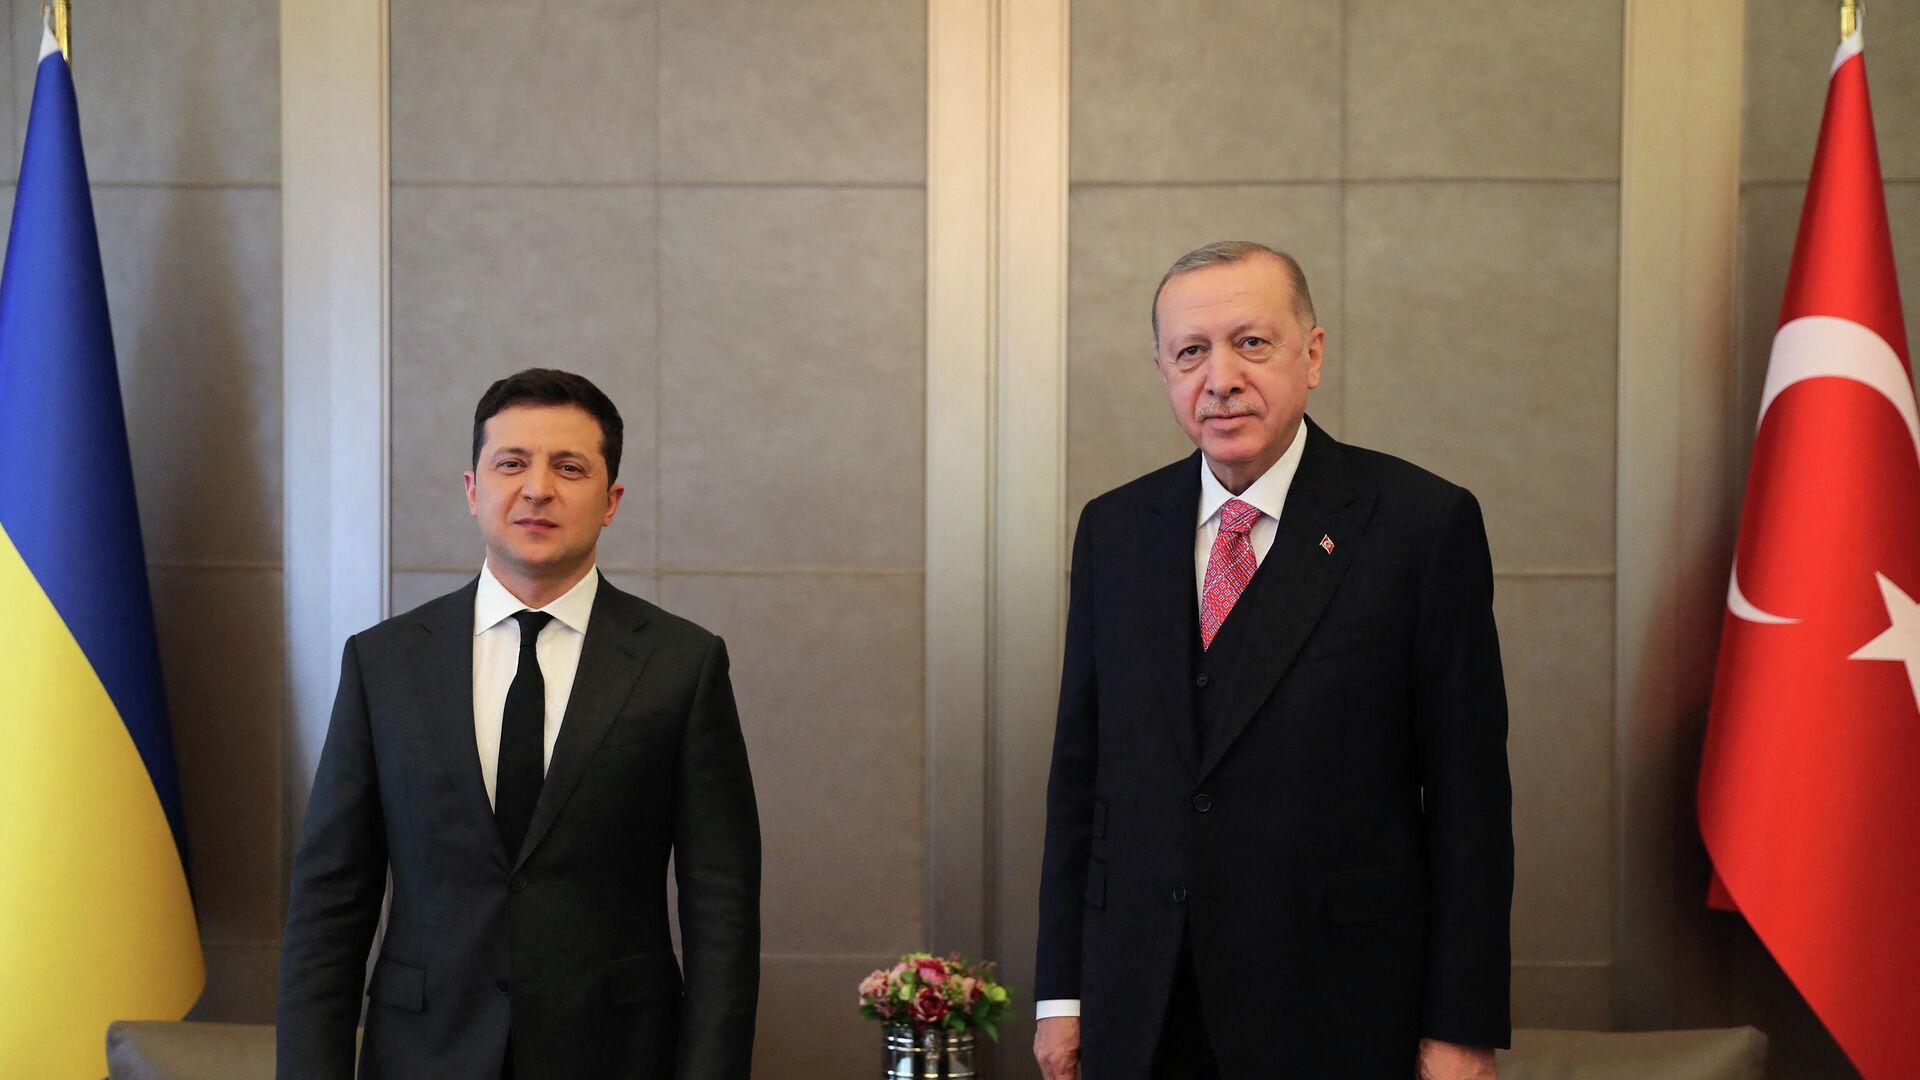 Der türkische Präsident Recep Tayyip Erdogan und der ukrainische Präsident Wladimir Selenski - SNA, 1920, 10.04.2021